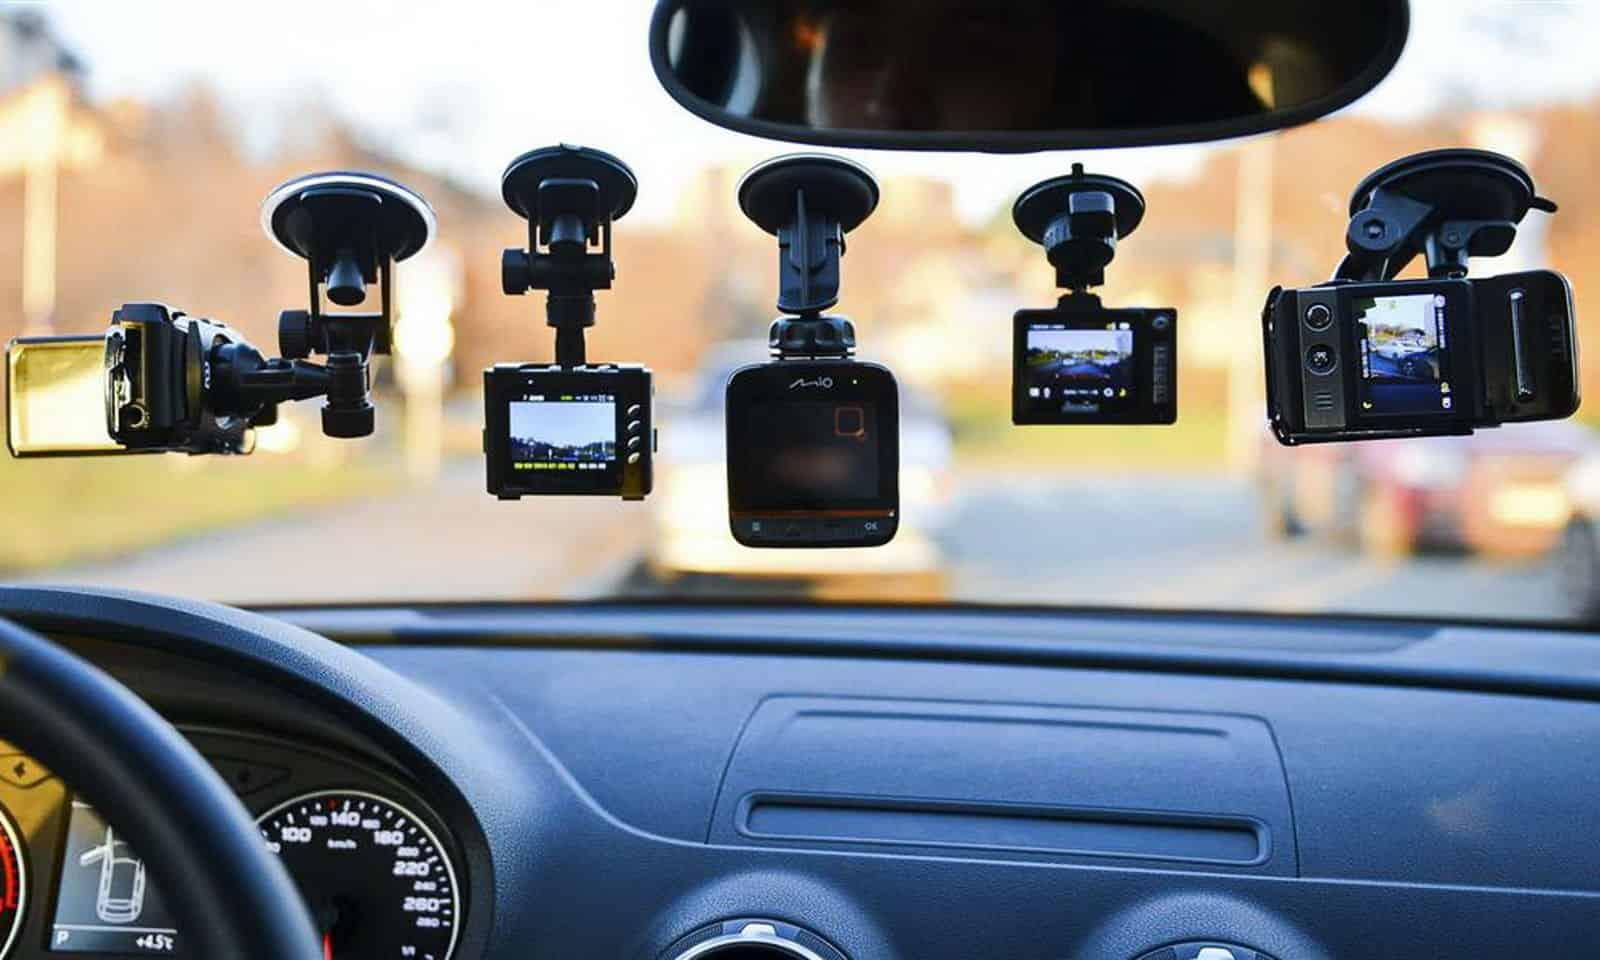 Как выбрать регистратор на машину самые лучшие марки видеорегистраторы